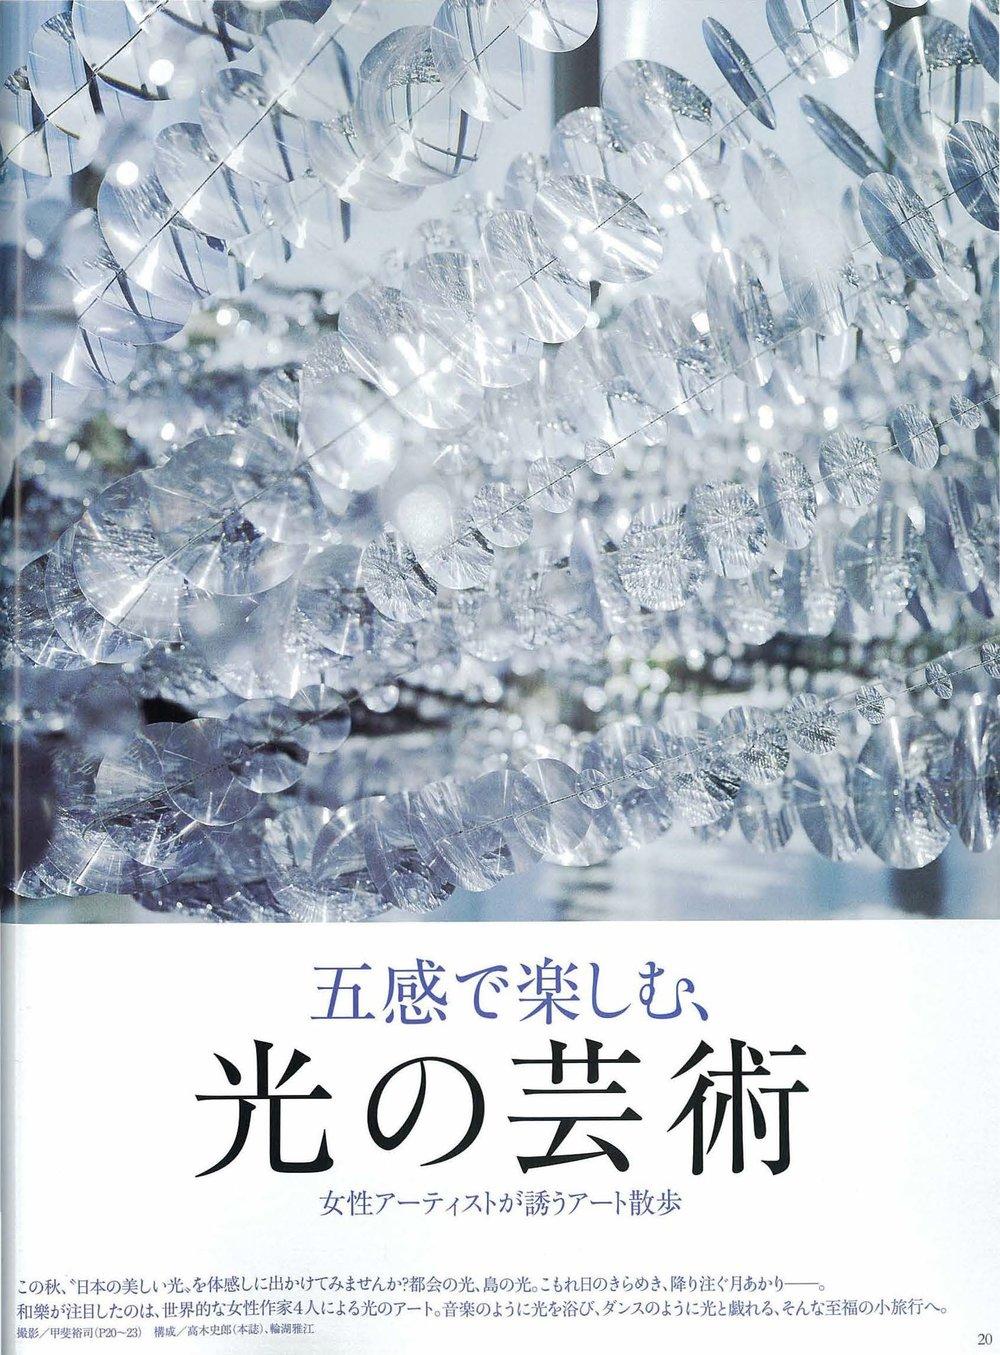 Waraku:October, 2011